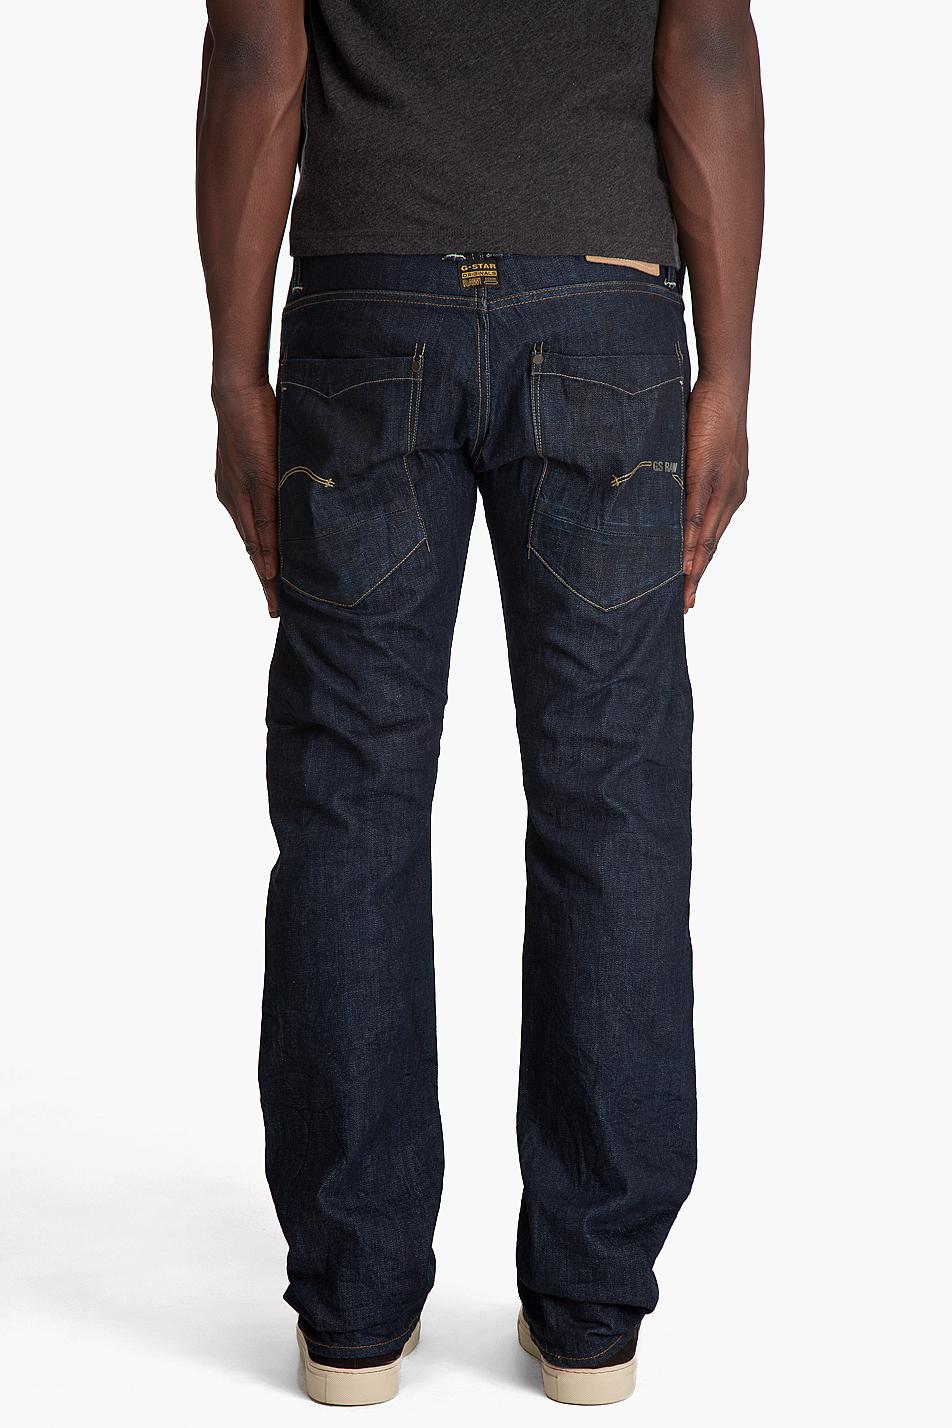 nya anländer usa billig försäljning nya lägre priser G-Star RAW Victor Straight Jeans in Denim (Blue) for Men - Lyst